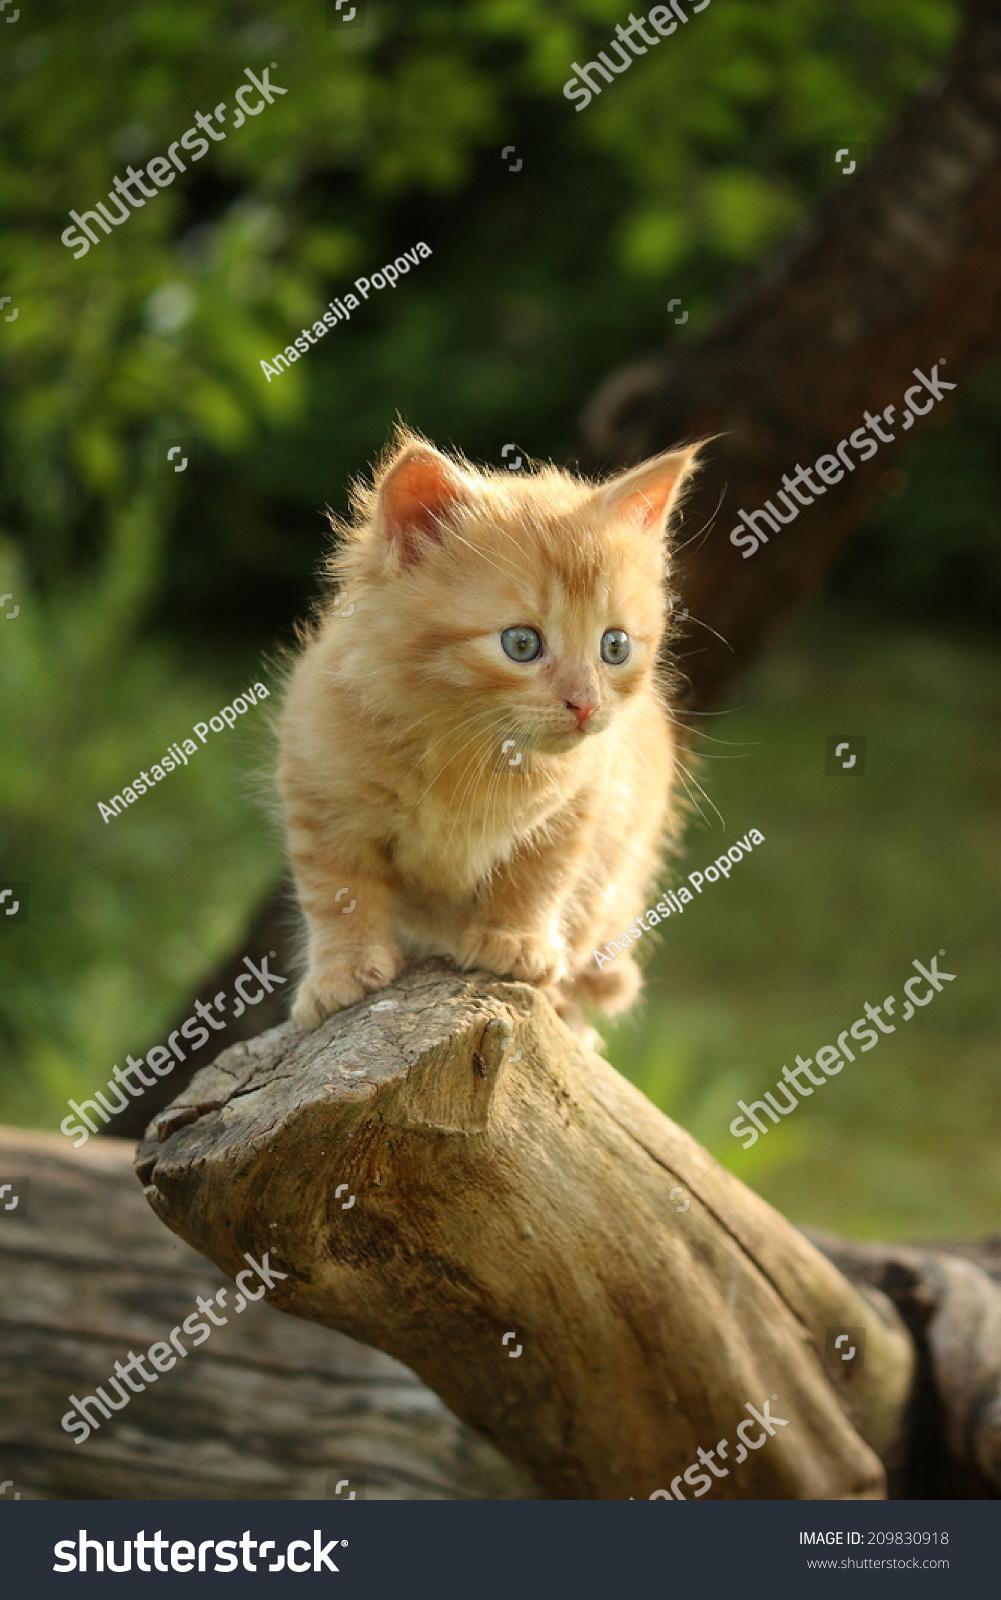 可爱的小猫咪在夏天爬上树-动物/野生生物